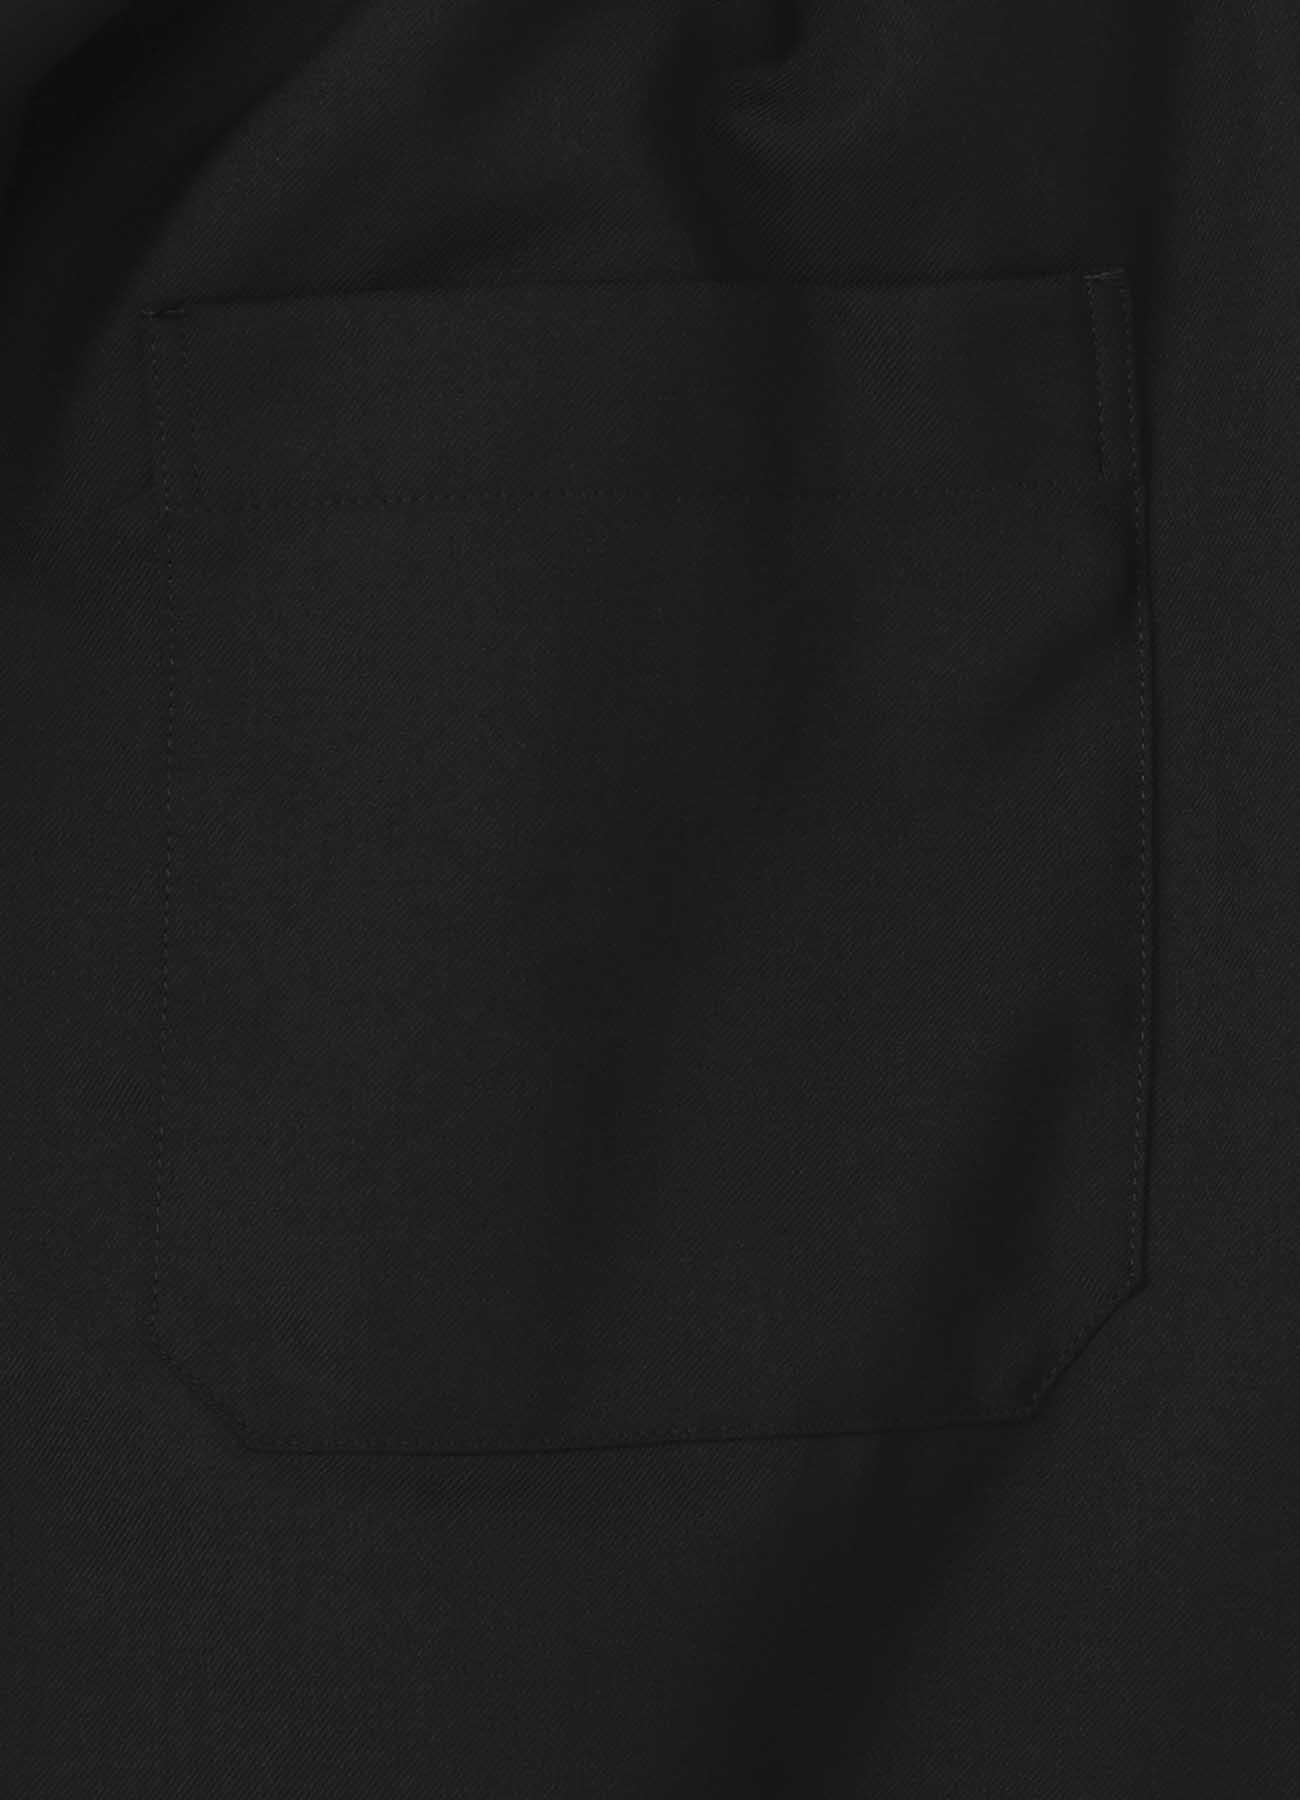 T / W?Gaberdine圆角半身裙裤